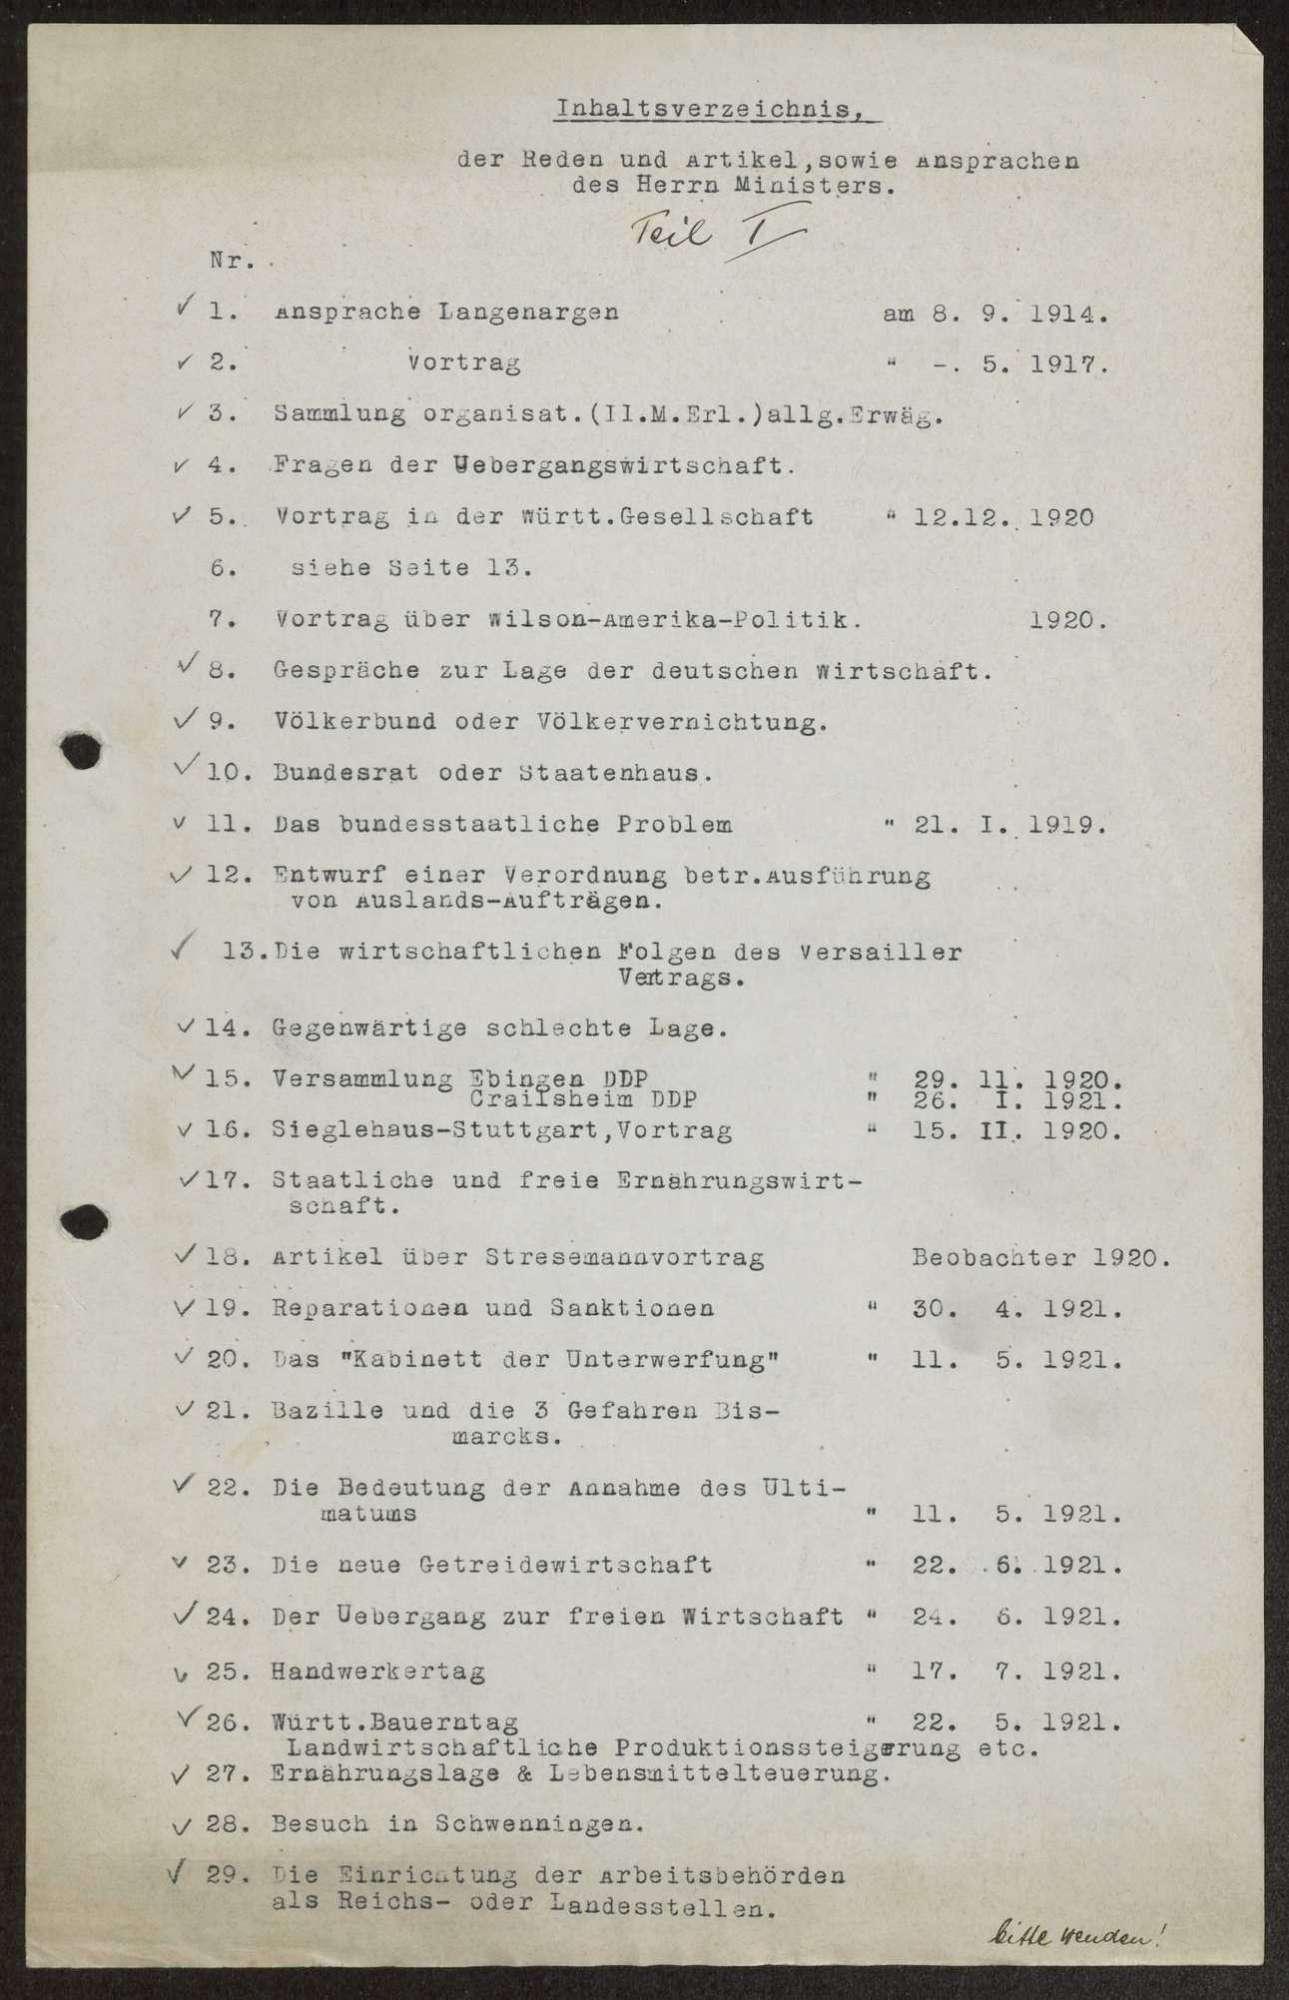 Verzeichnis der Reden, Aufsätze, Zeitungsartikel von Wilhelm Schall, Bild 1